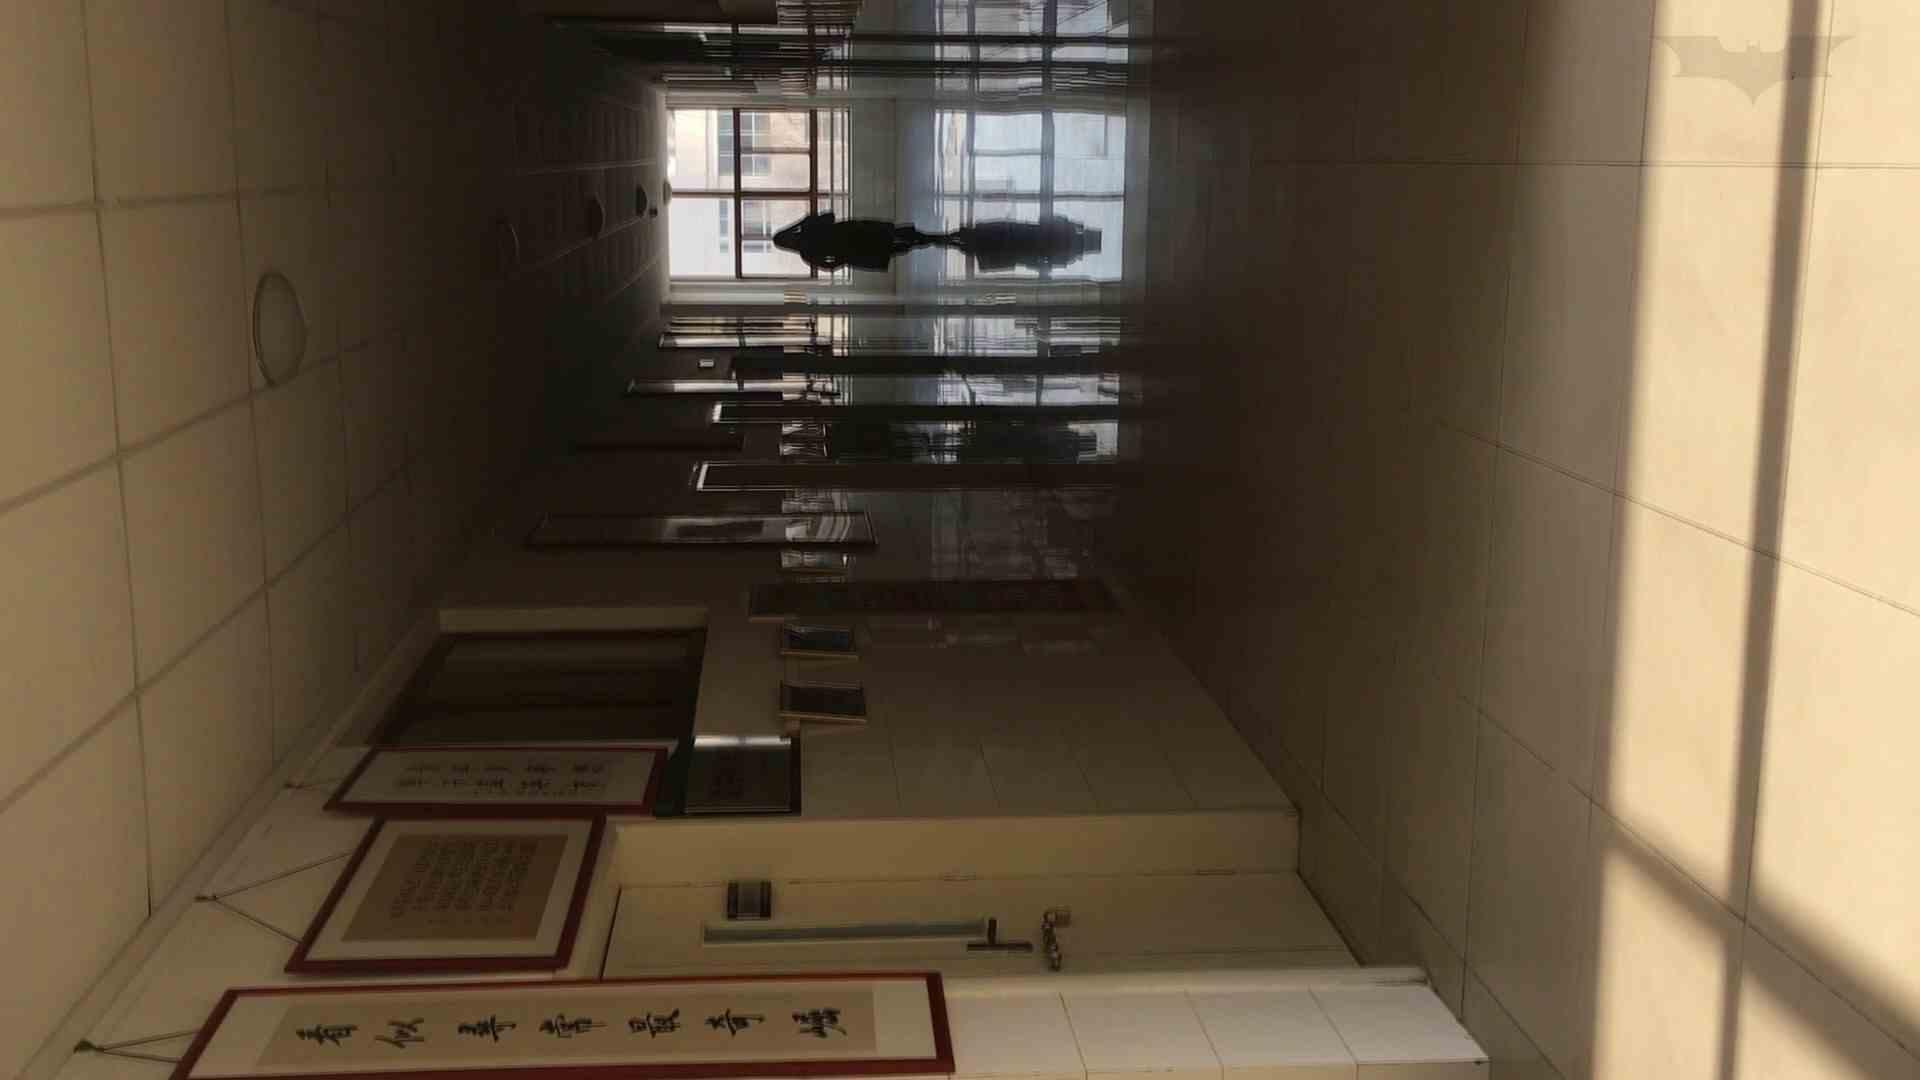 芸術大学ガチ潜入盗撮 JD盗撮 美女の洗面所の秘密 Vol.88 美女 われめAV動画紹介 56画像 41